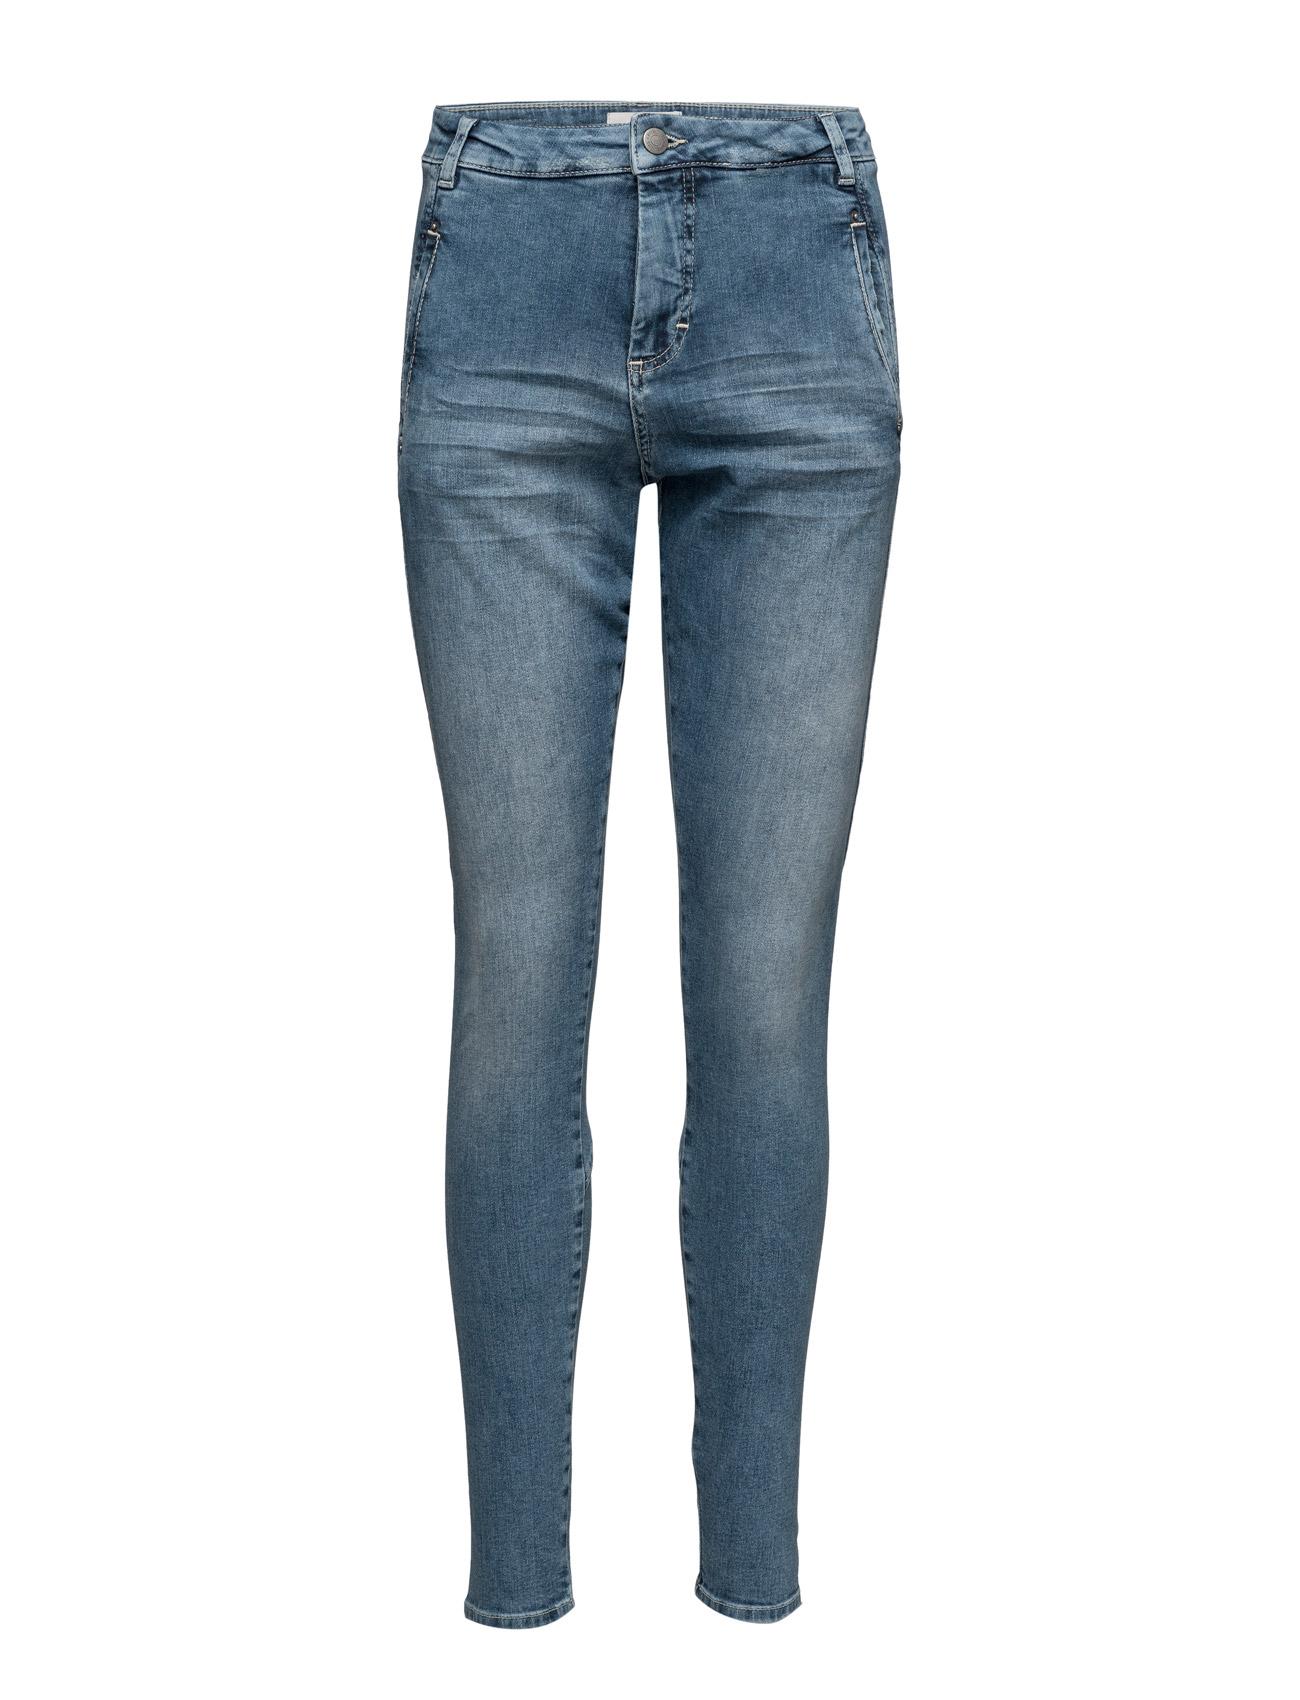 Jolie 436 Insight, Jeans FIVEUNITS Skinny til Damer i